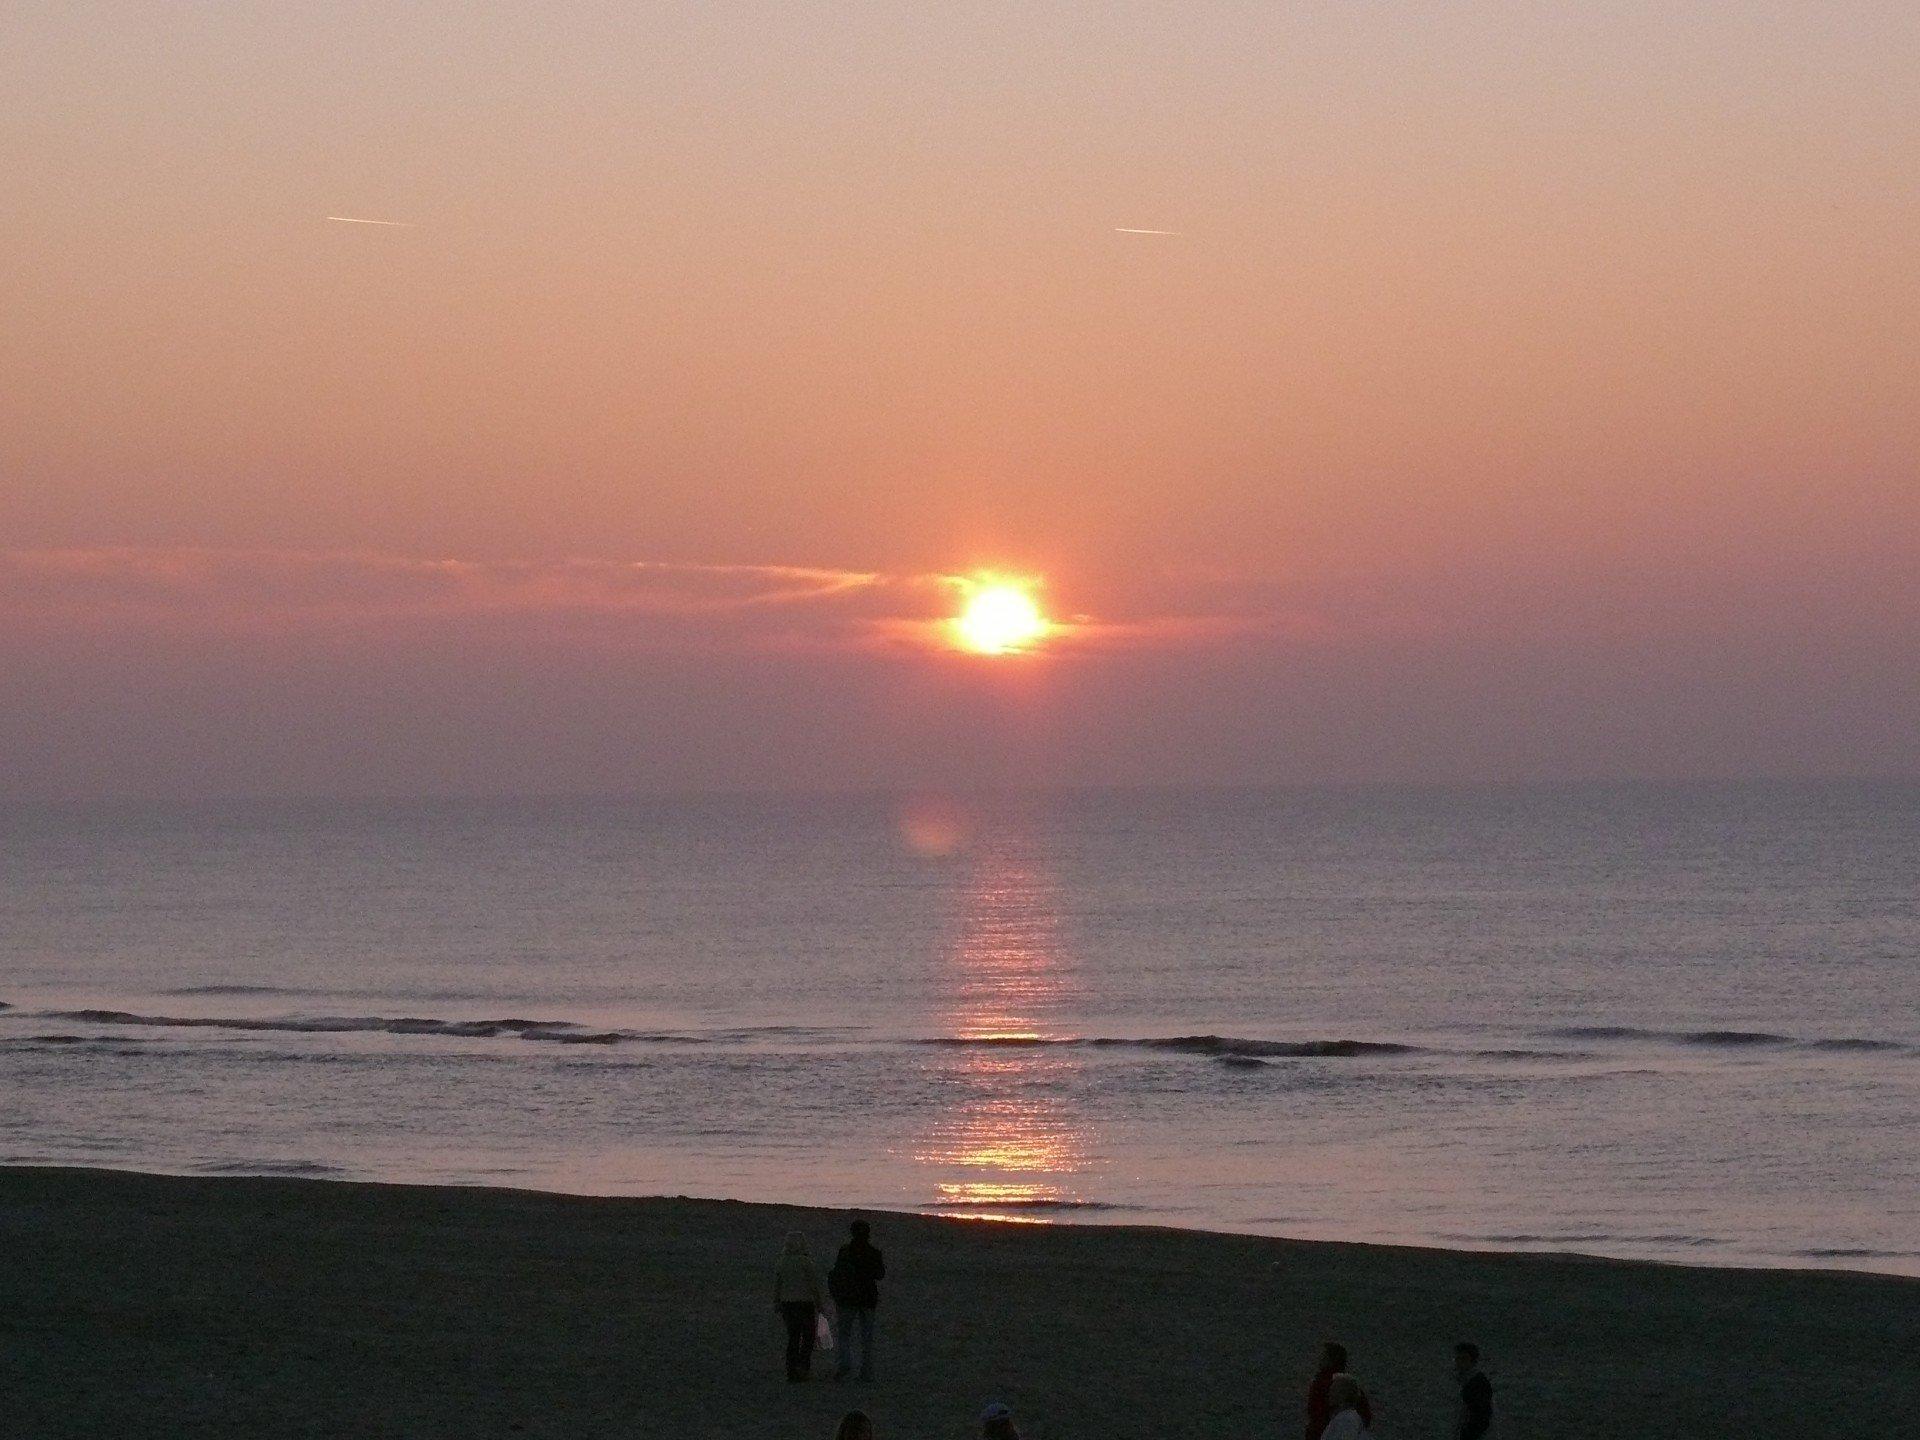 Untergehende kupferfarbige Sonne vor Texel